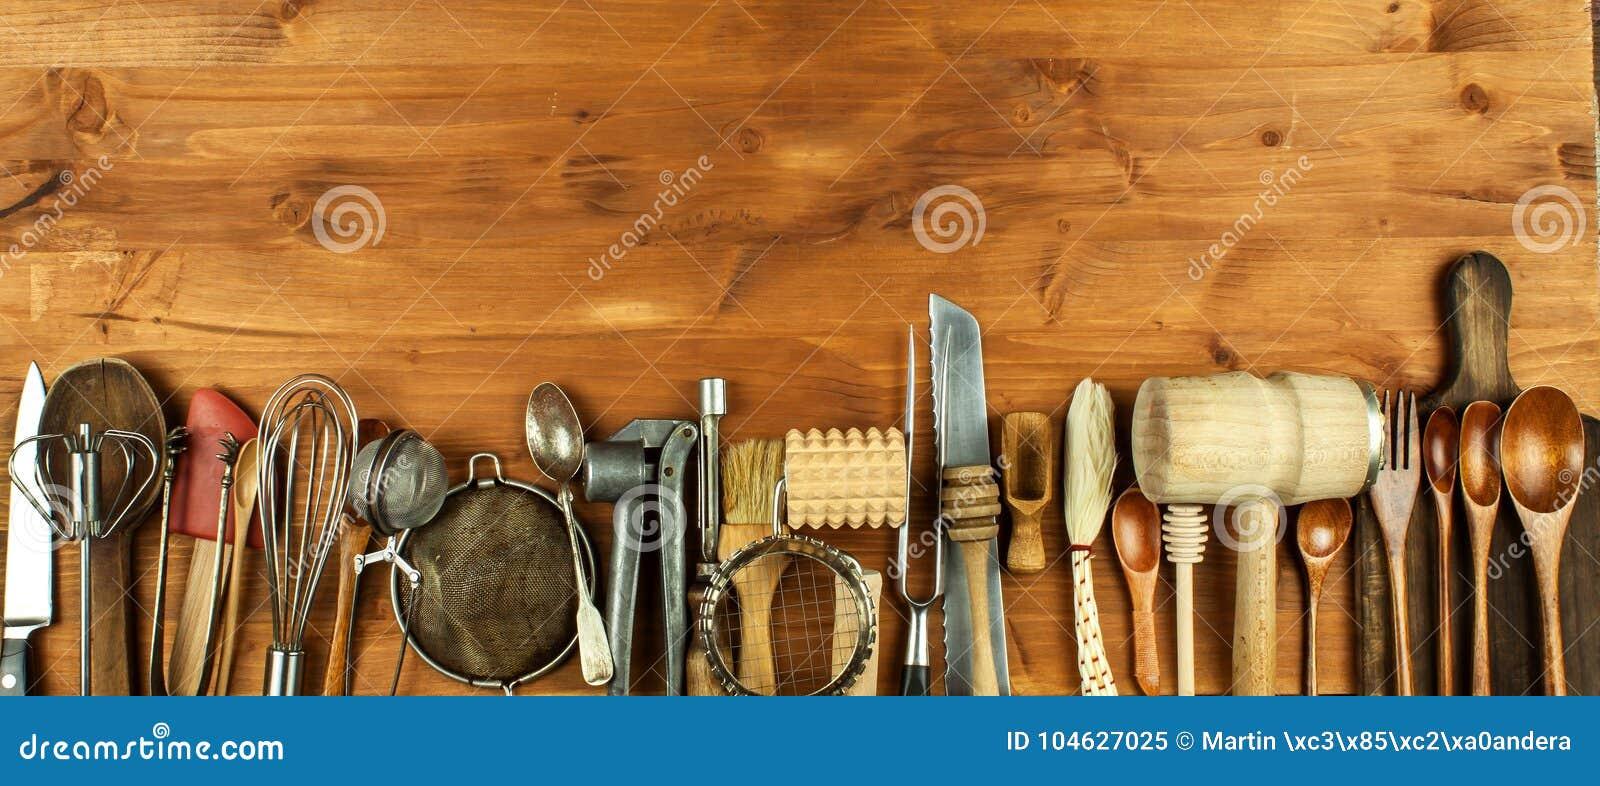 Alte Kuchengerate Auf Einem Holzernen Brett Verkauf Der Kuchenausrustung Chef S Werkzeuge Stockbild Bild Von Verkauf Werkzeuge 104627025